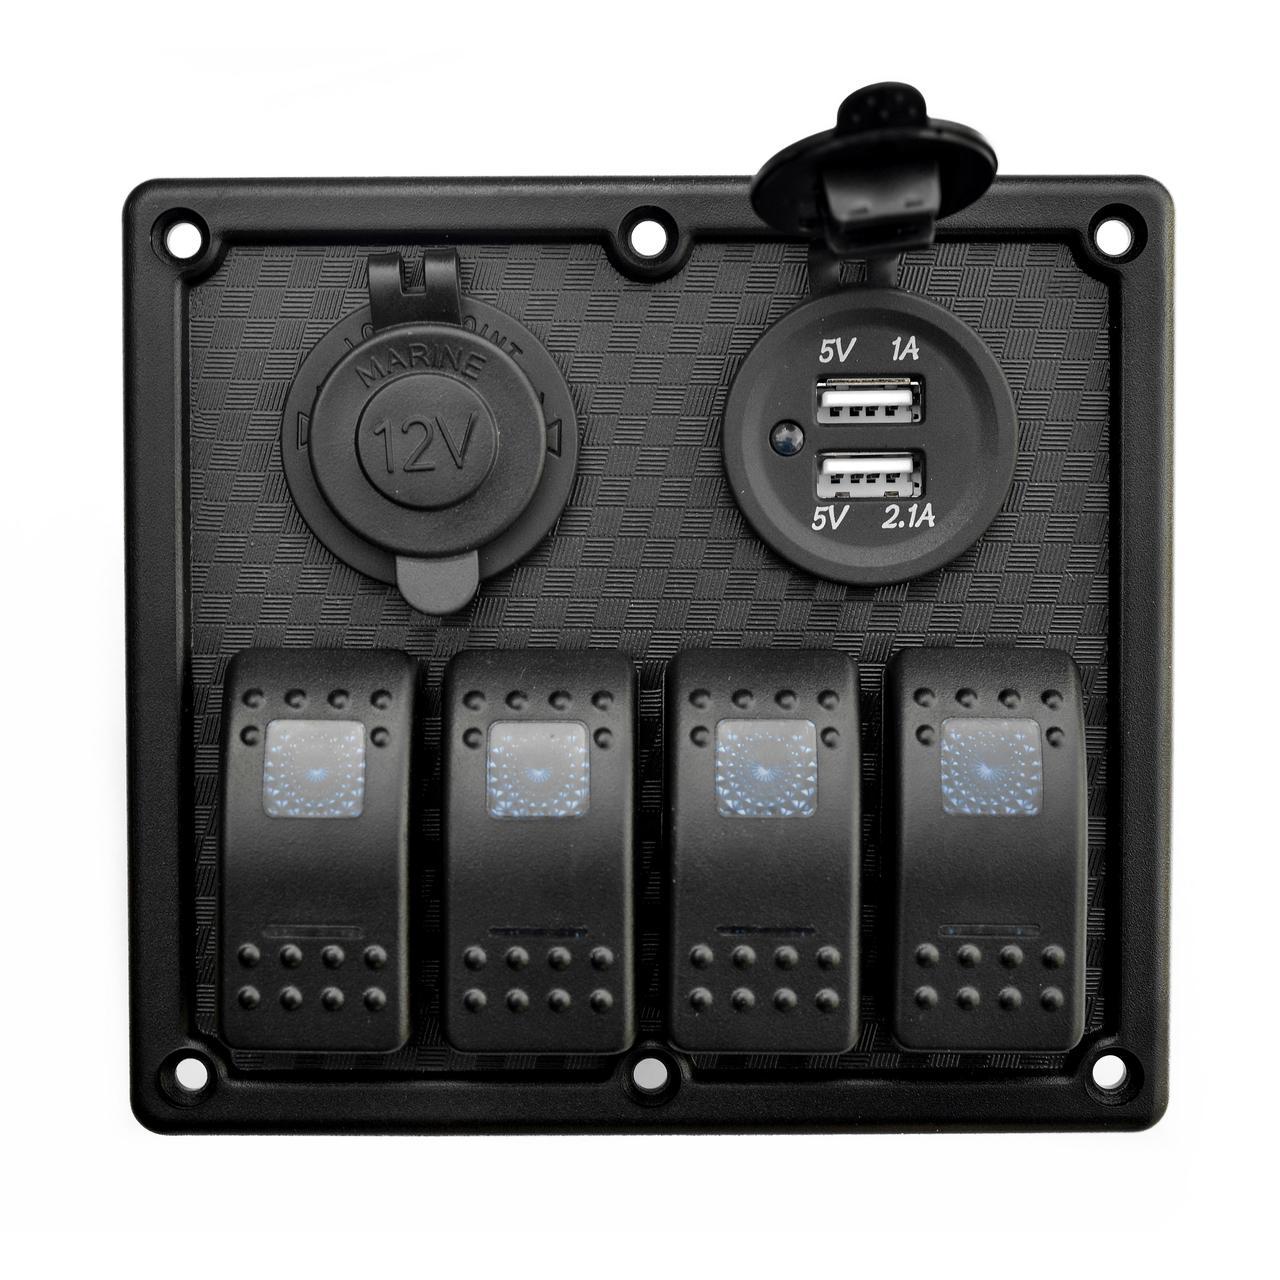 Панель судовая на 4 переключателя автомат 70х110мм + прикуриватель и двойной USB порт HF60-324B